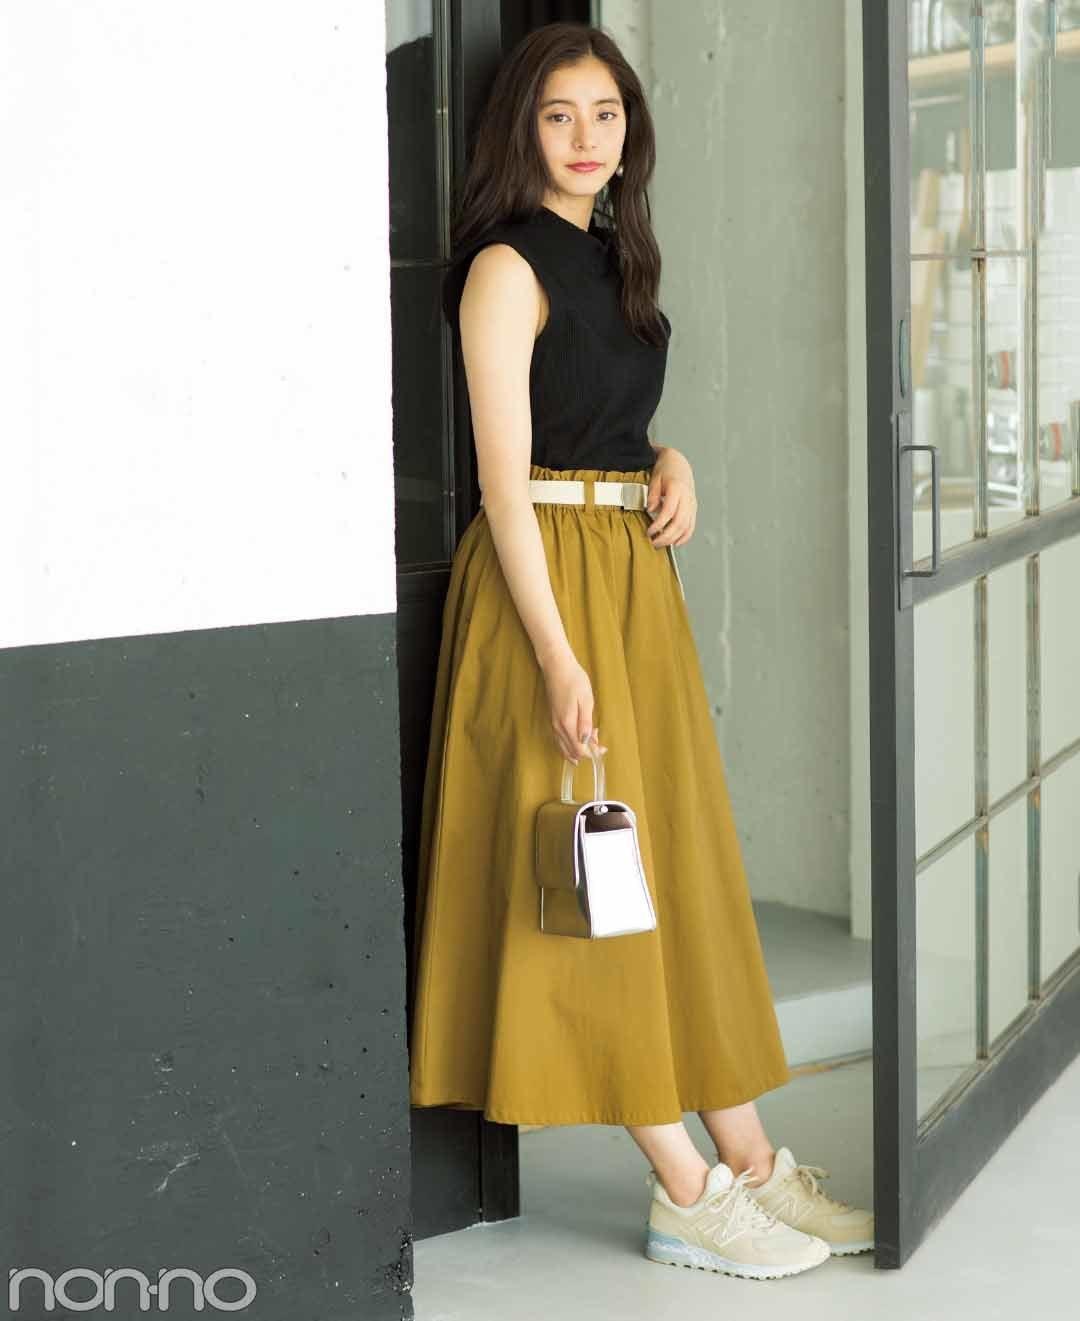 【夏のスニーカーコーデ】新木優子はクリーンなオフホワイトで清潔感たっぷりにコーデ。